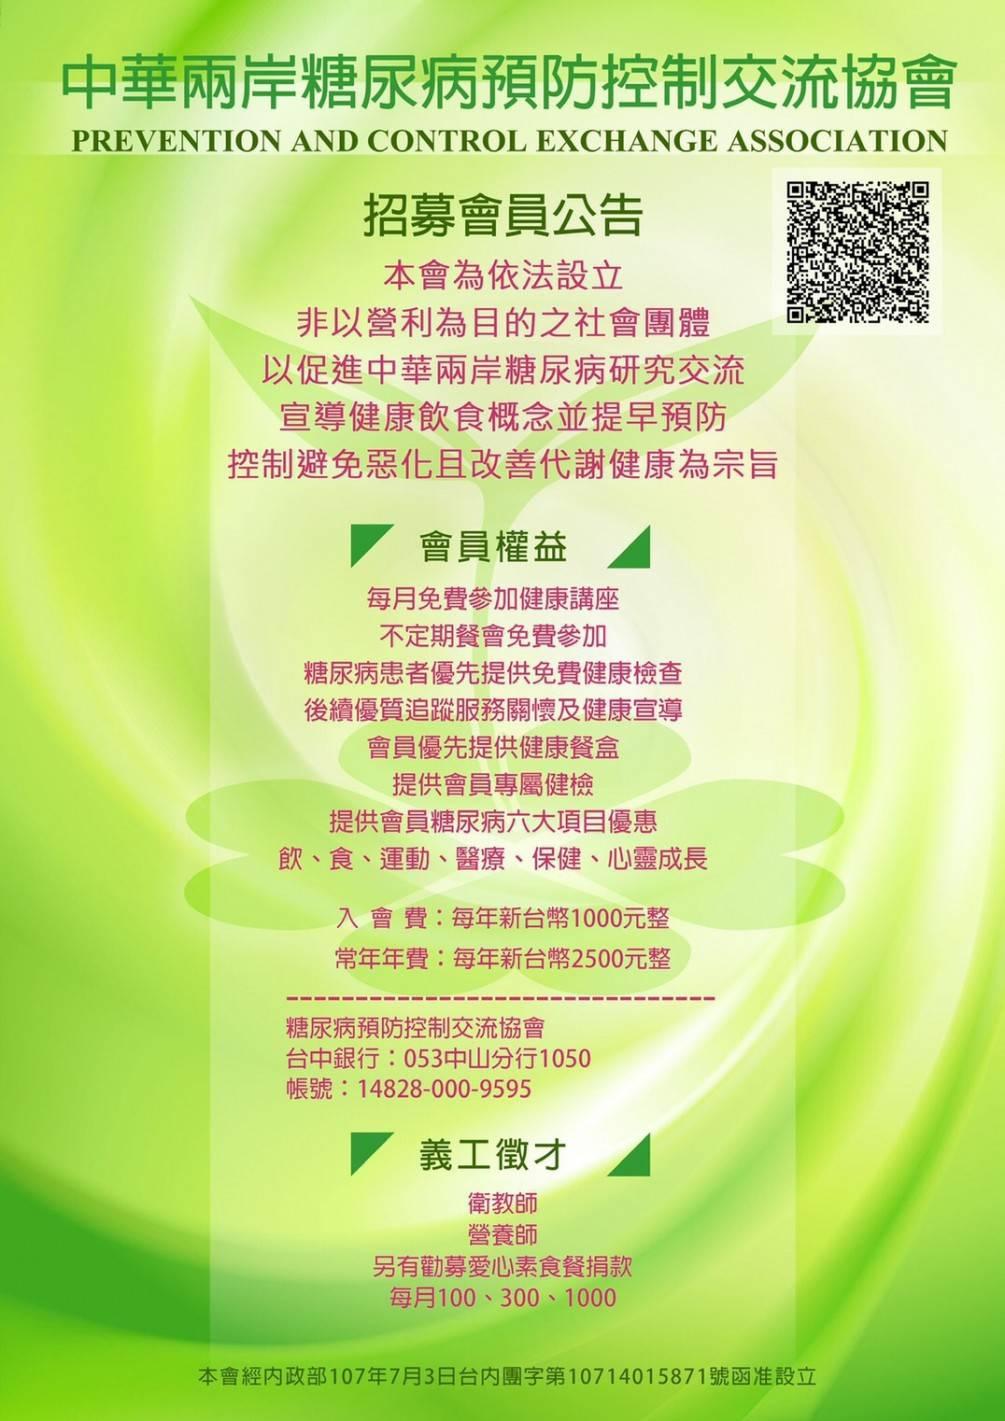 1226中華兩岸糖尿病預防控制協會